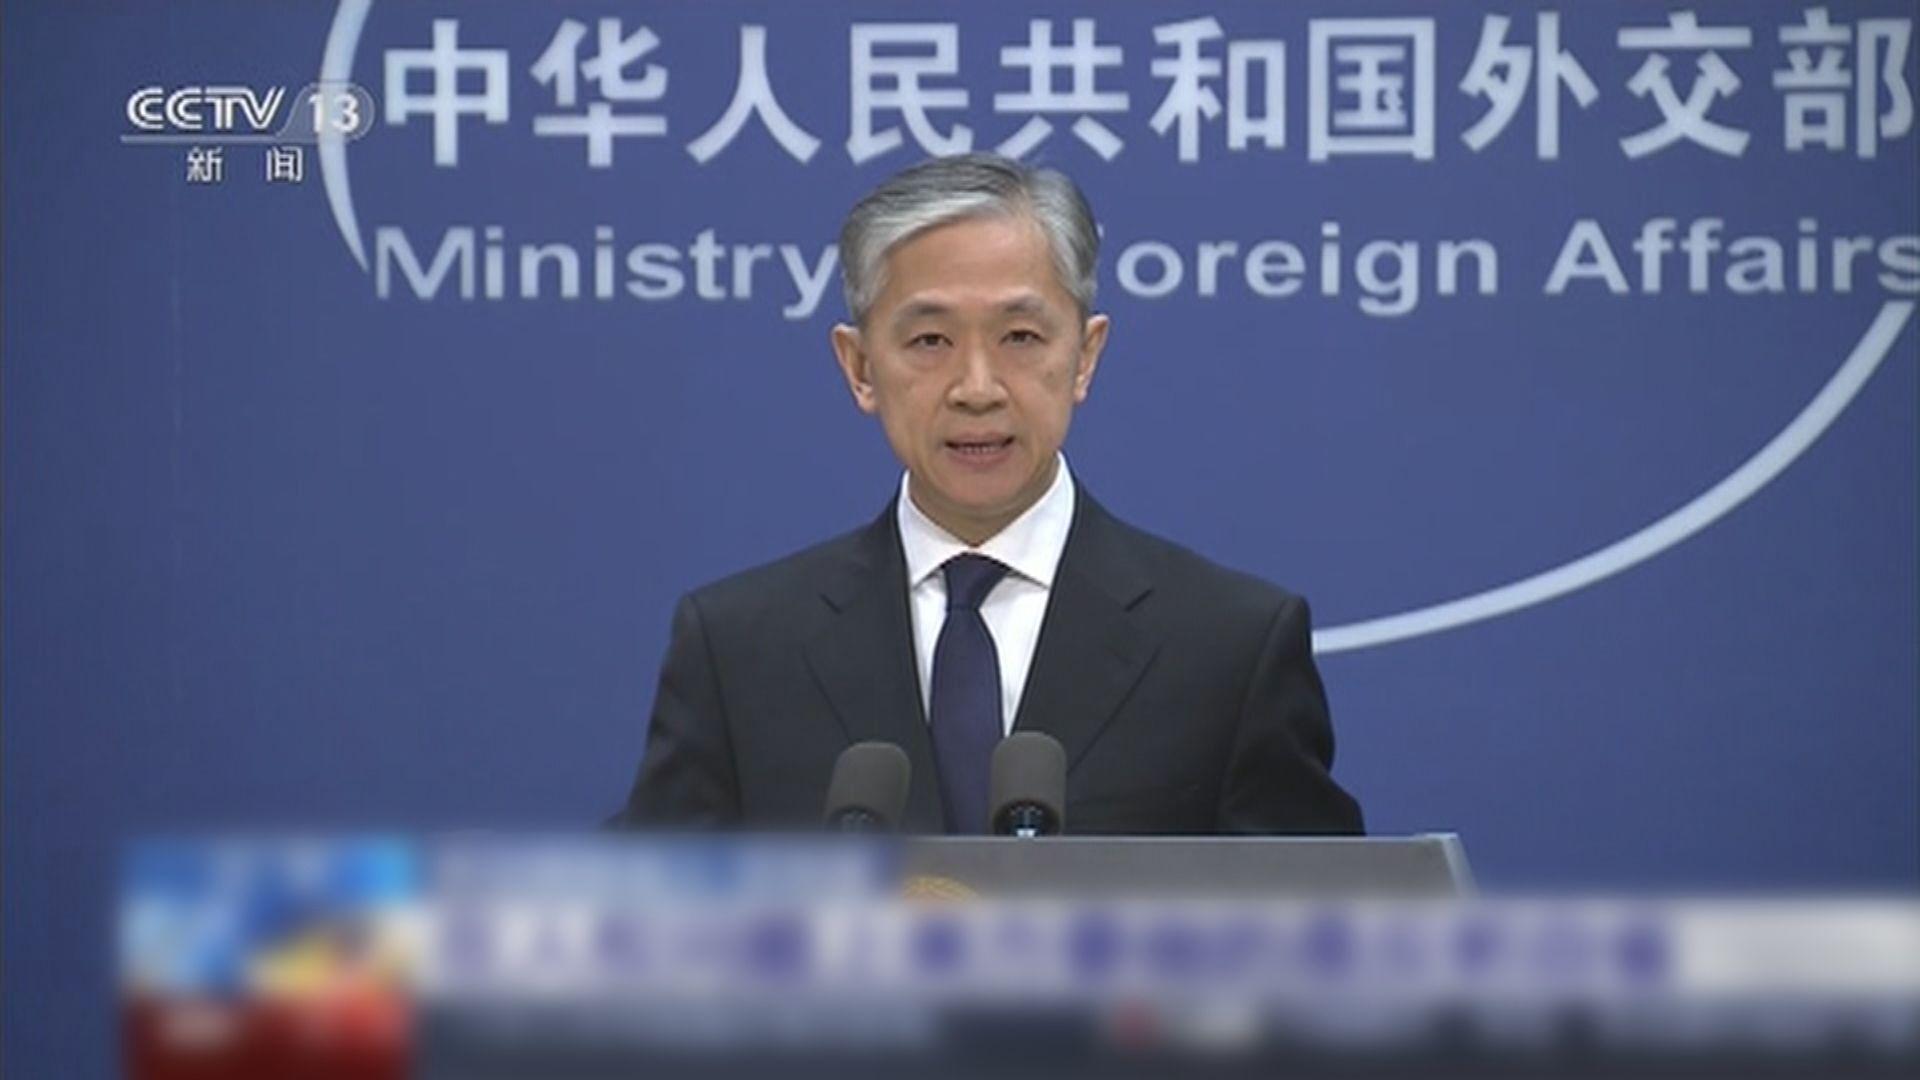 外交部:反對美方污衊抹黑中國人權狀況